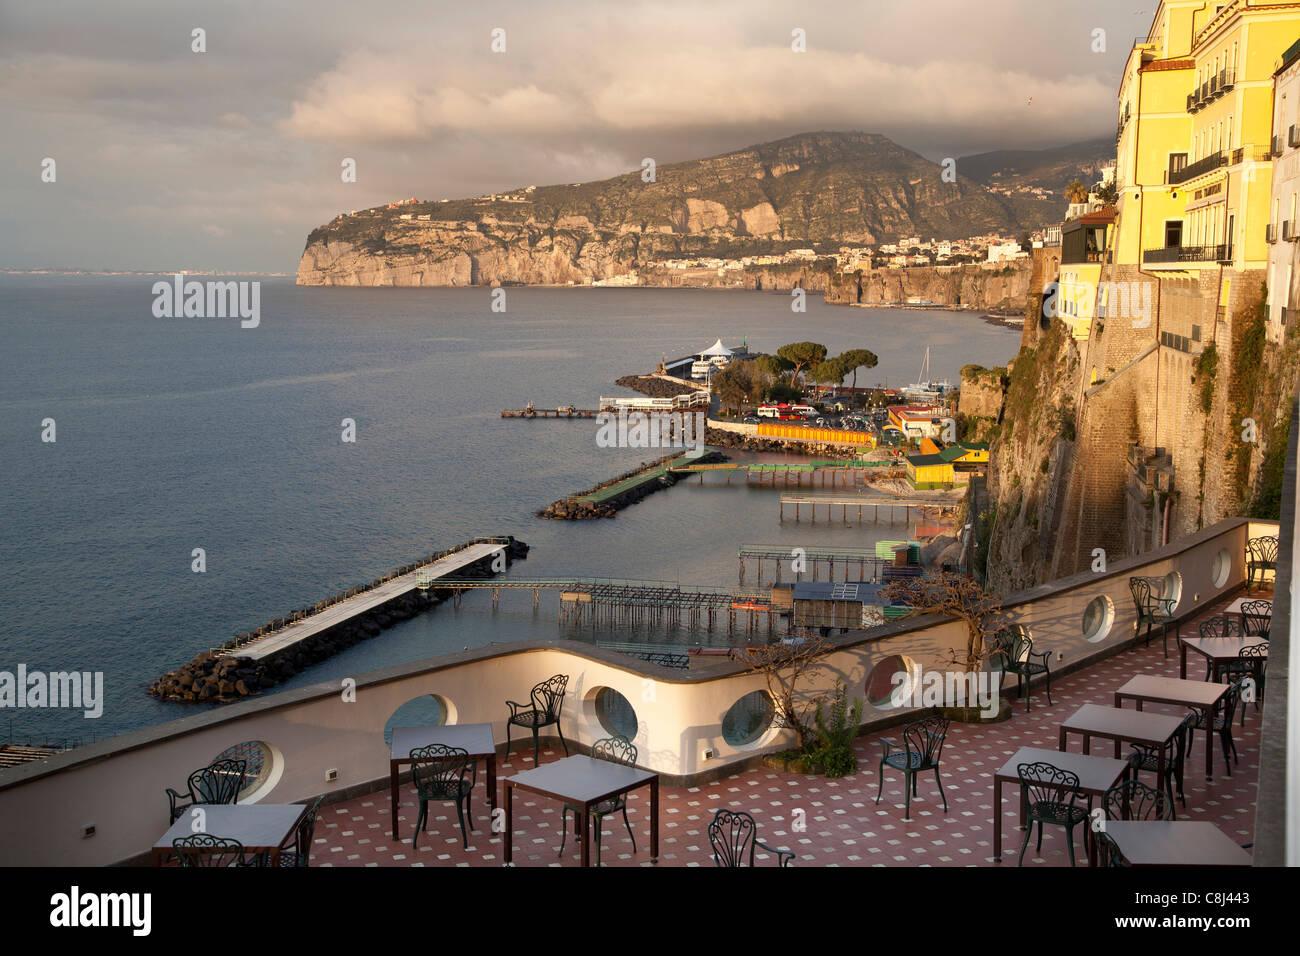 Ausblick, Bellevue Syrene, Hotel, Italien, Luxus, Luxushotel, Sorrent - Stock Image